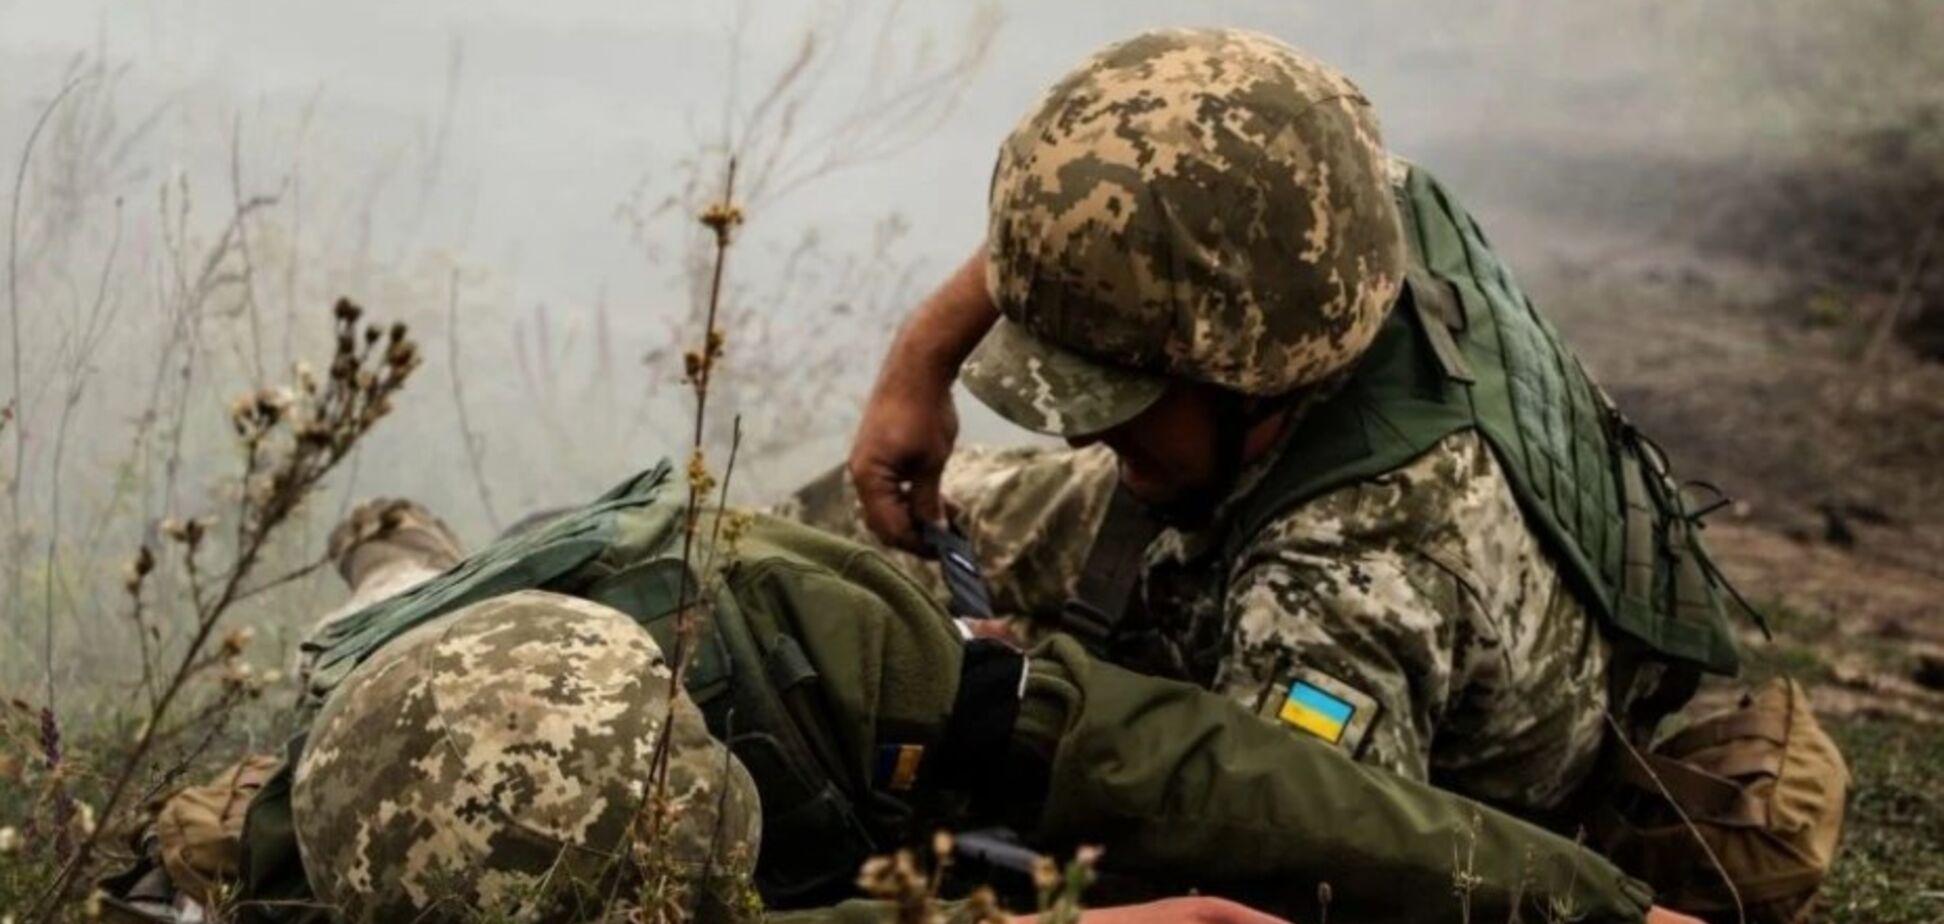 За неделю на Донбассе ранены 24 воина ВСУ: прокуратура начала расследование теракта